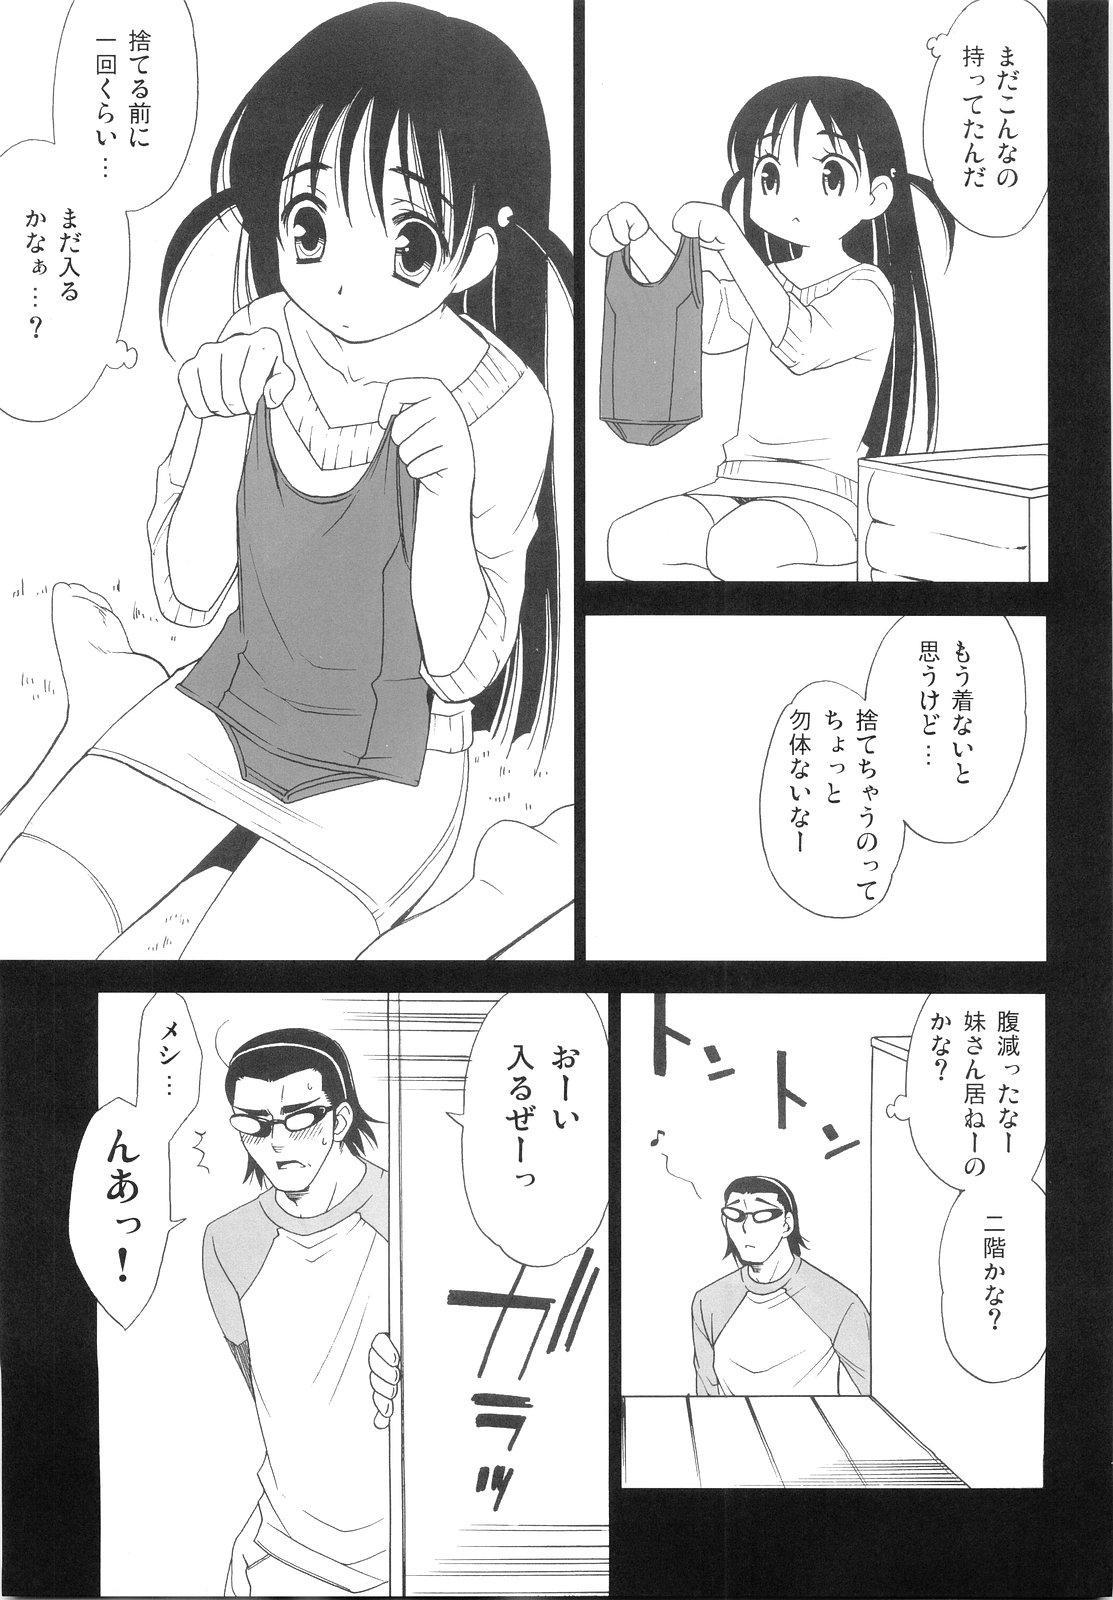 Hige-seito Harima! 4.5 11